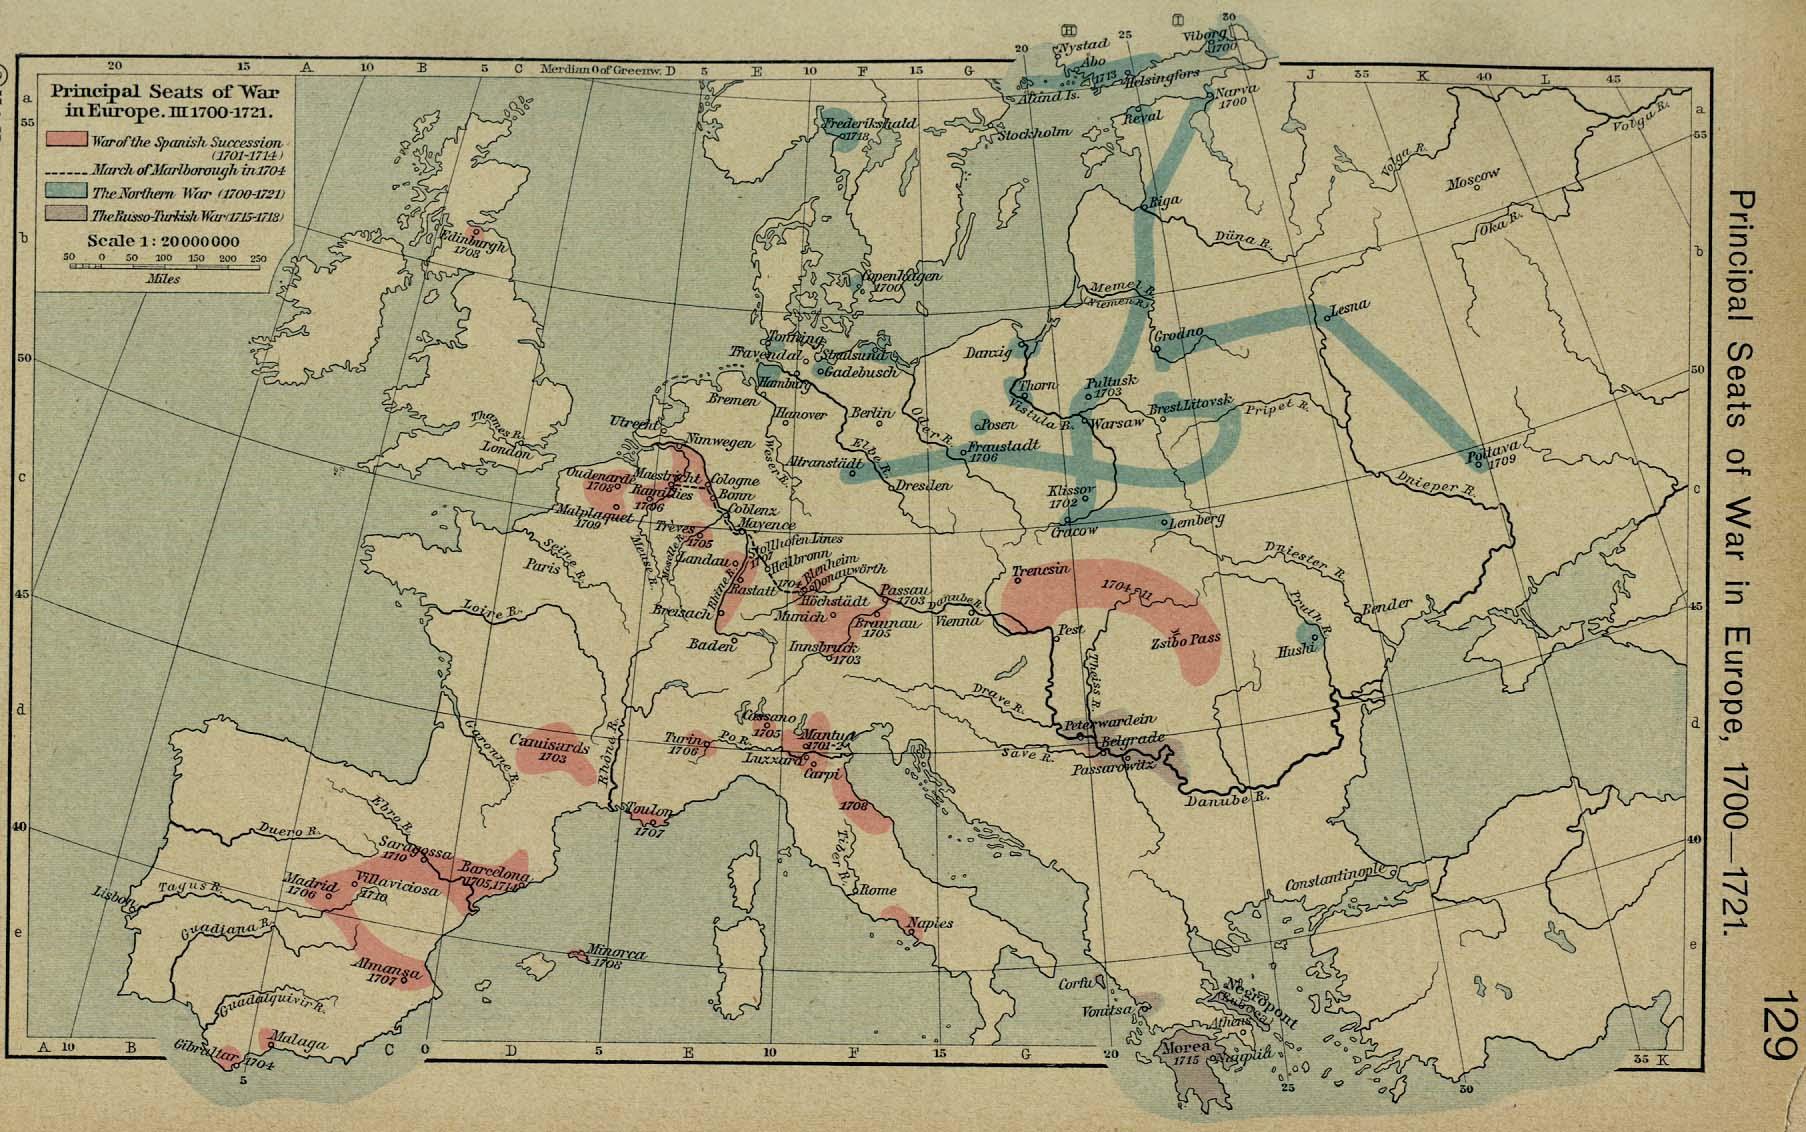 1721 in France